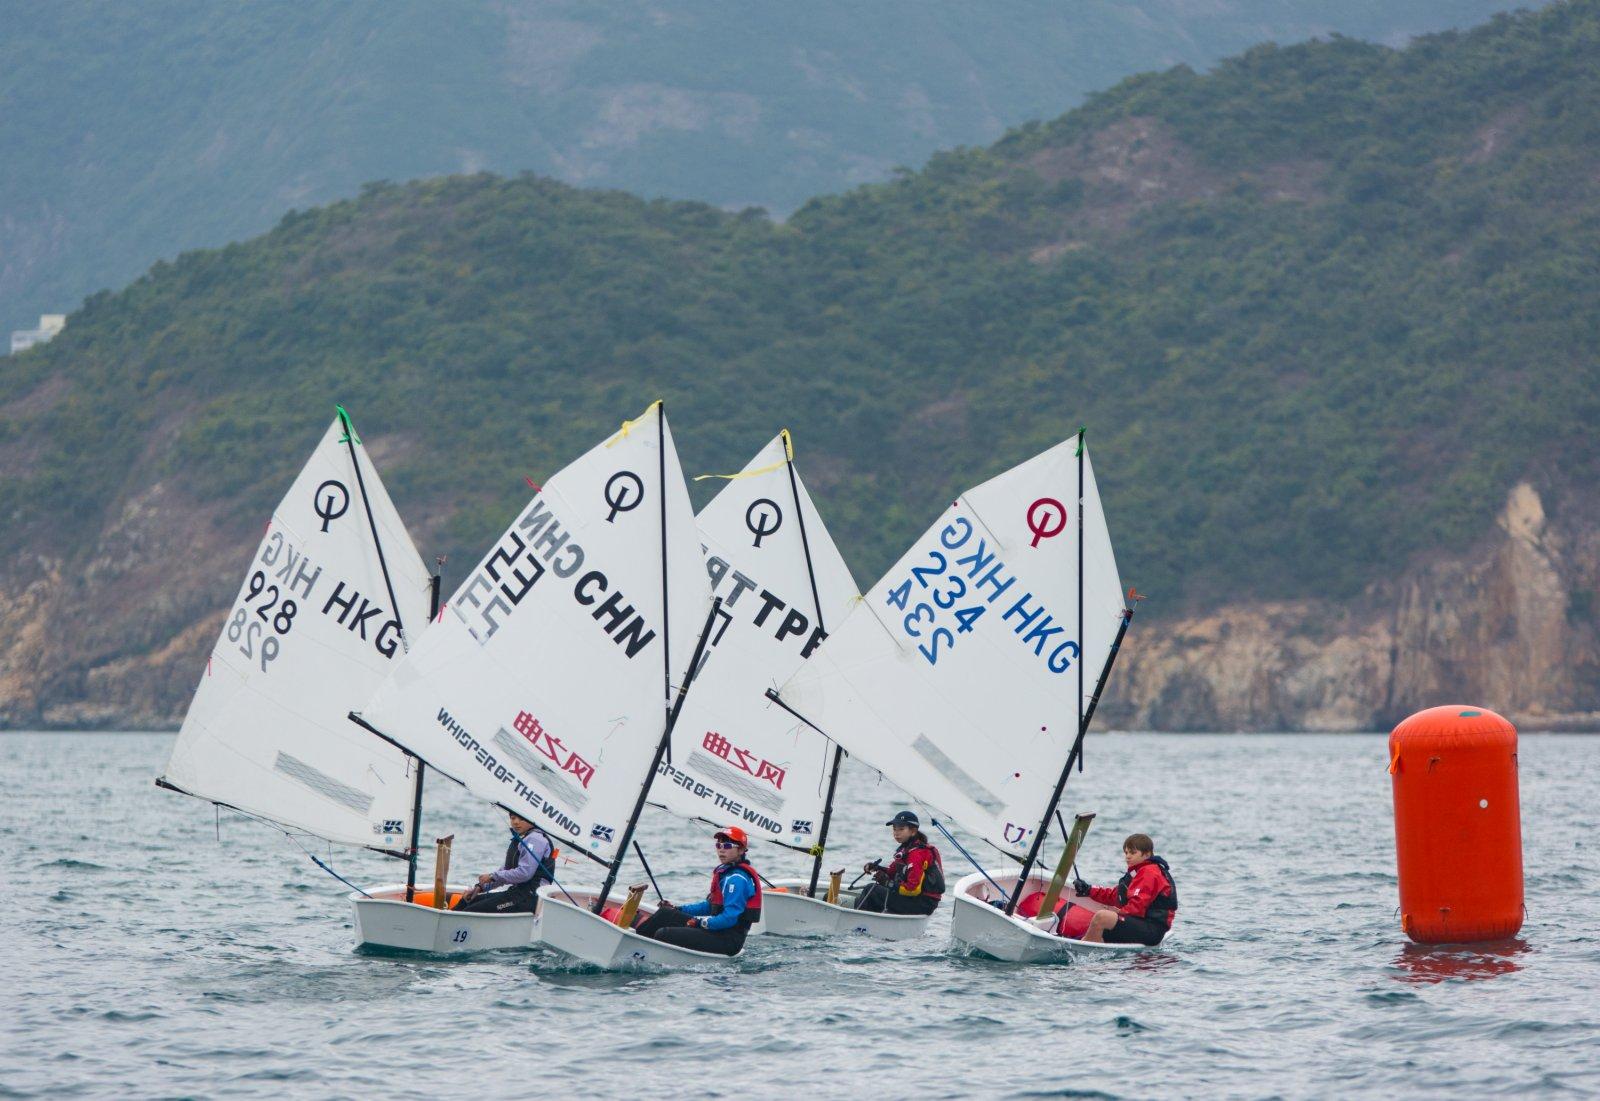 原定於本月中旬舉行的「香港帆船賽週2021」將押後至3月上演。